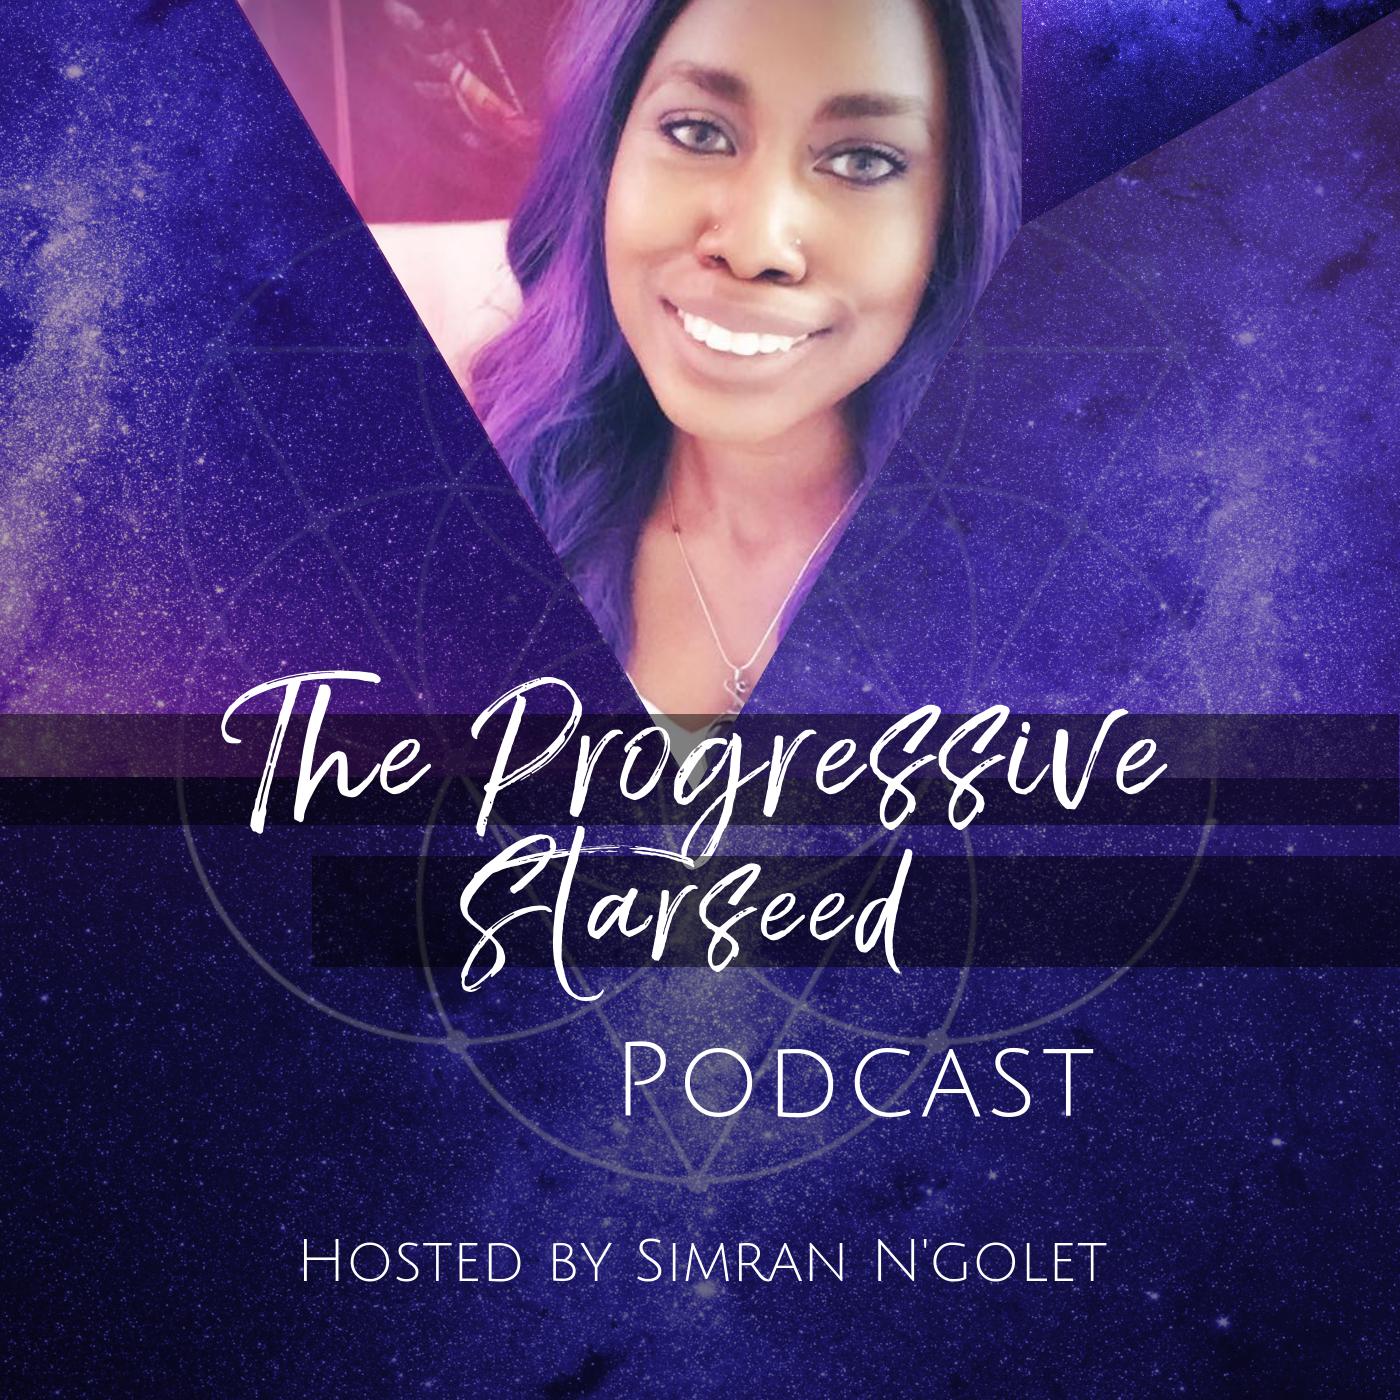 The Progressive Starseed Podcast | Listen via Stitcher for